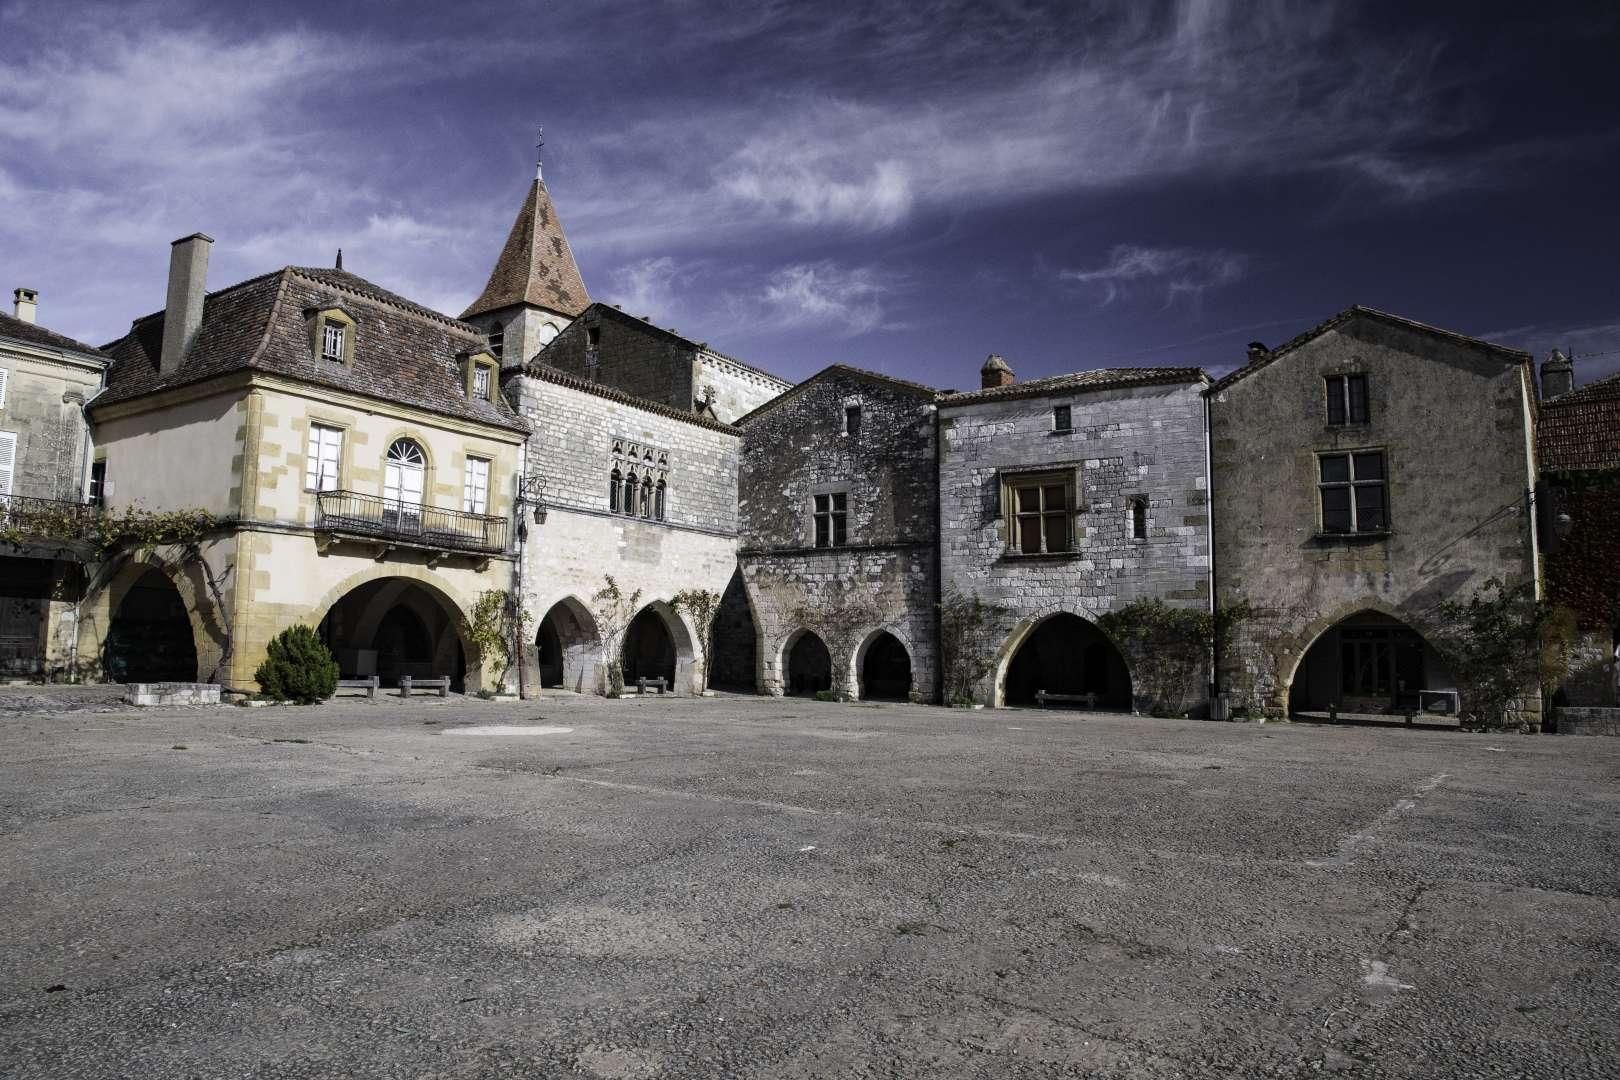 la piazza medievale di Montpazier con i portici bassi